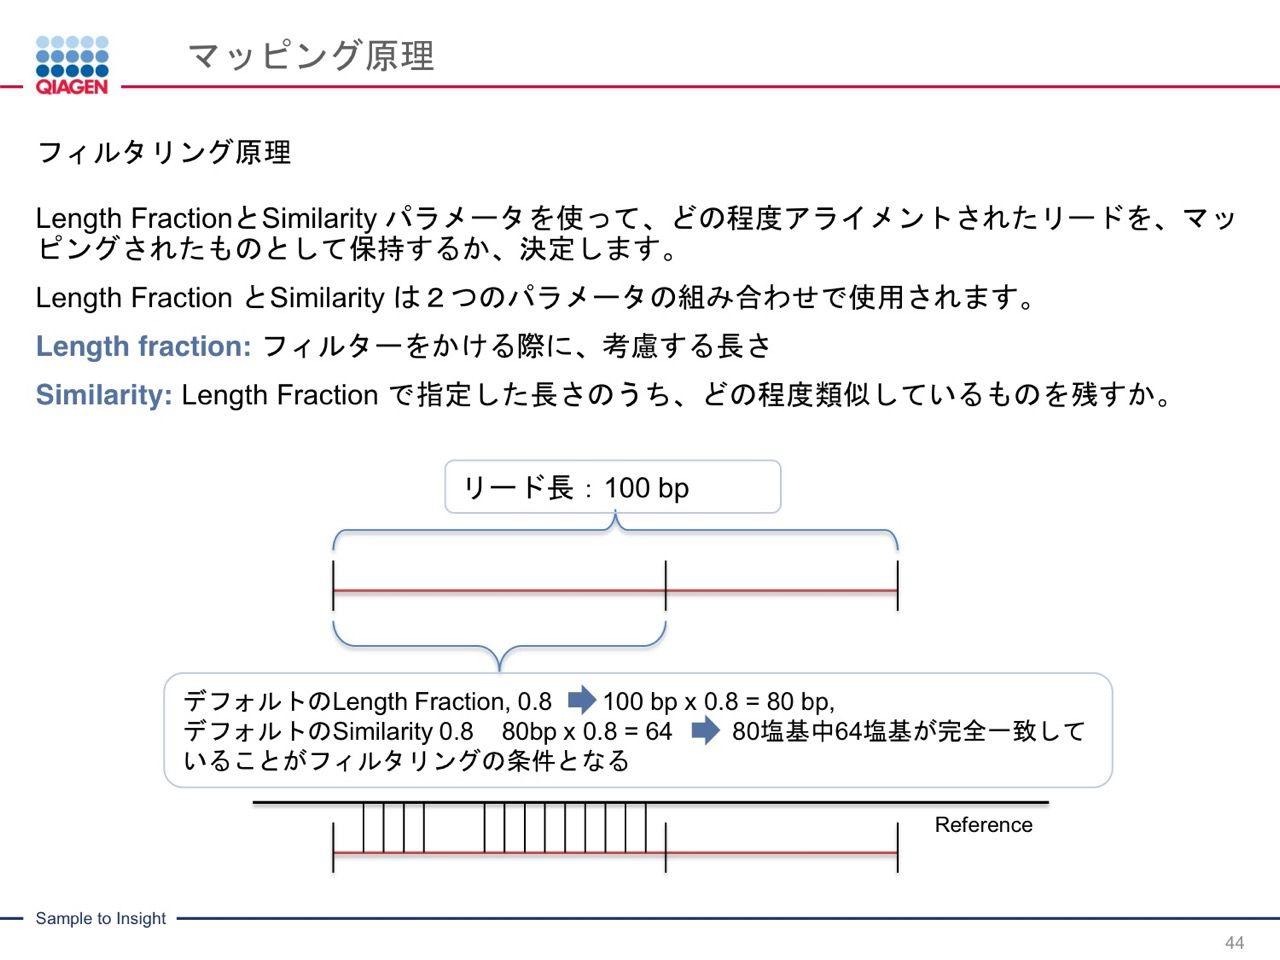 images/AJACSa2_miyamoto_044.jpg